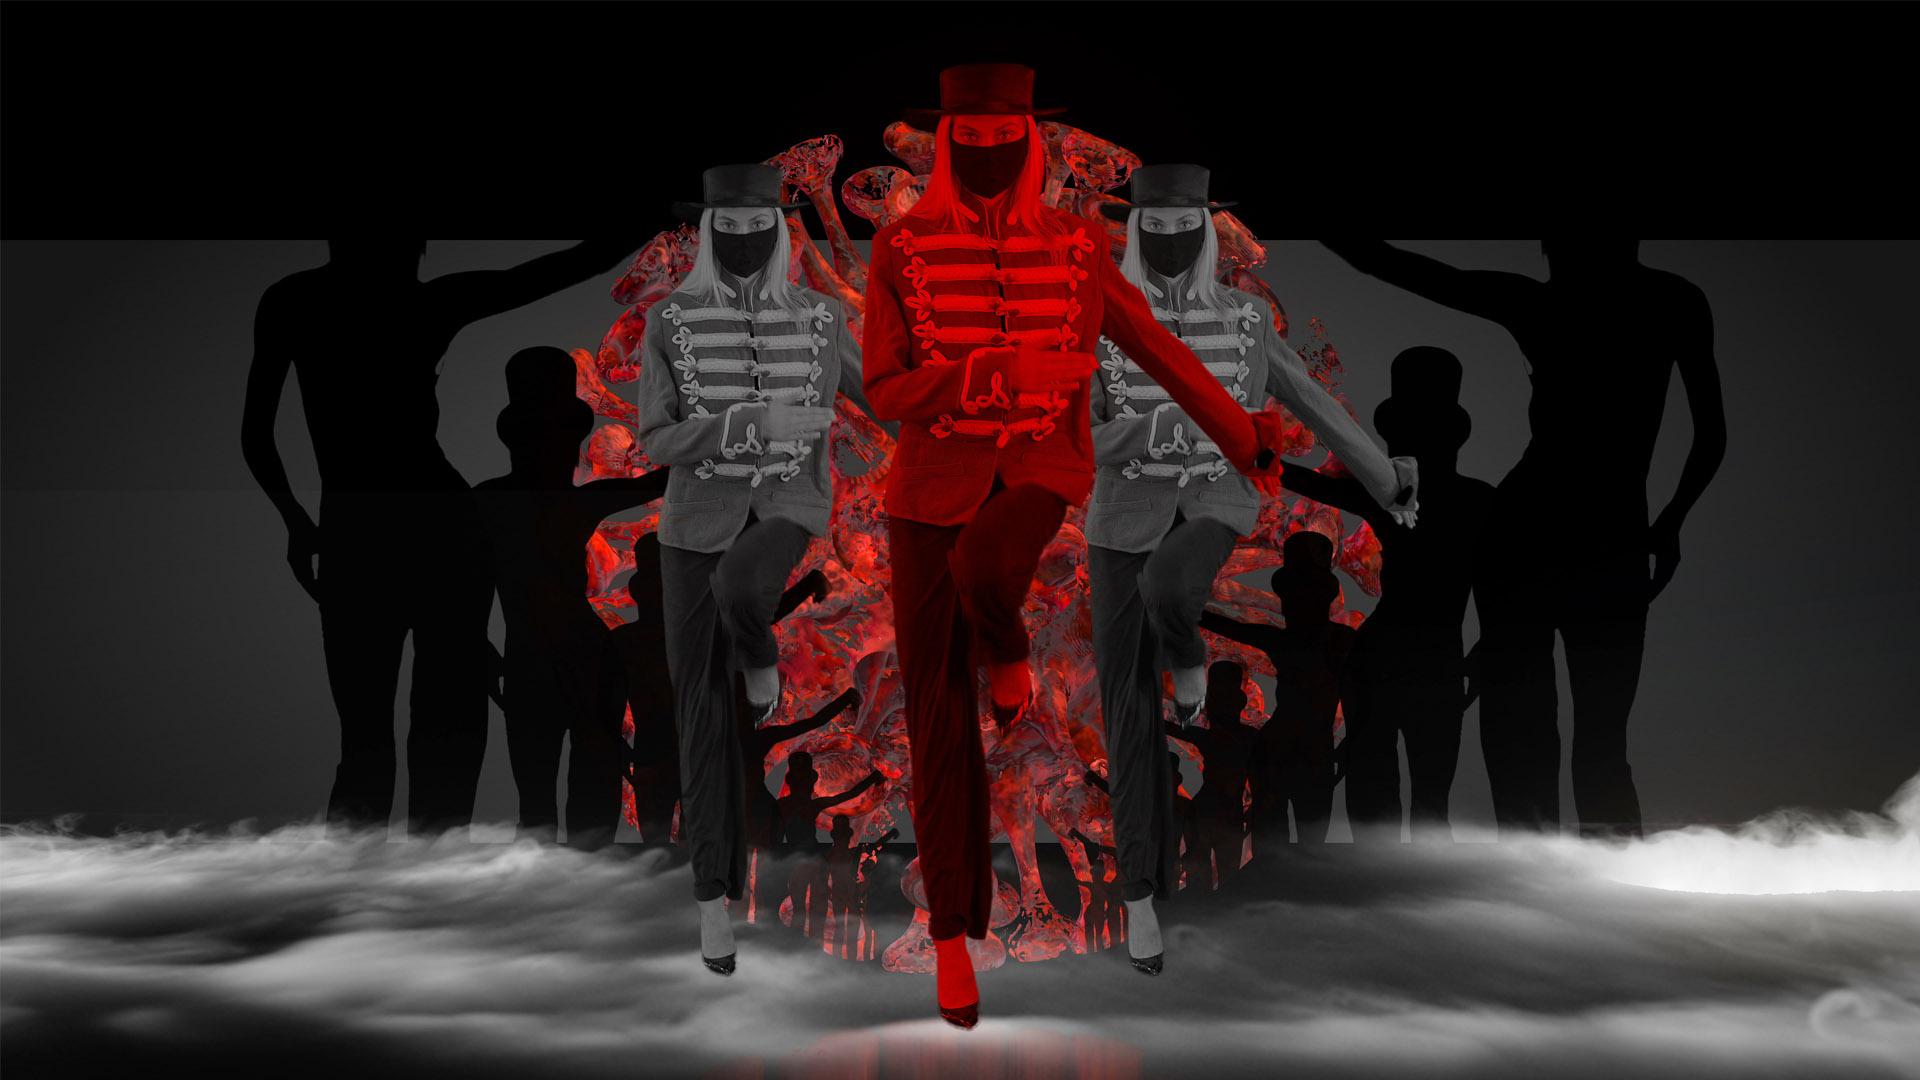 Covid-19-Dancing-Marching-Giri-in-mask-corona-virus-4k-video-footage-vjloop